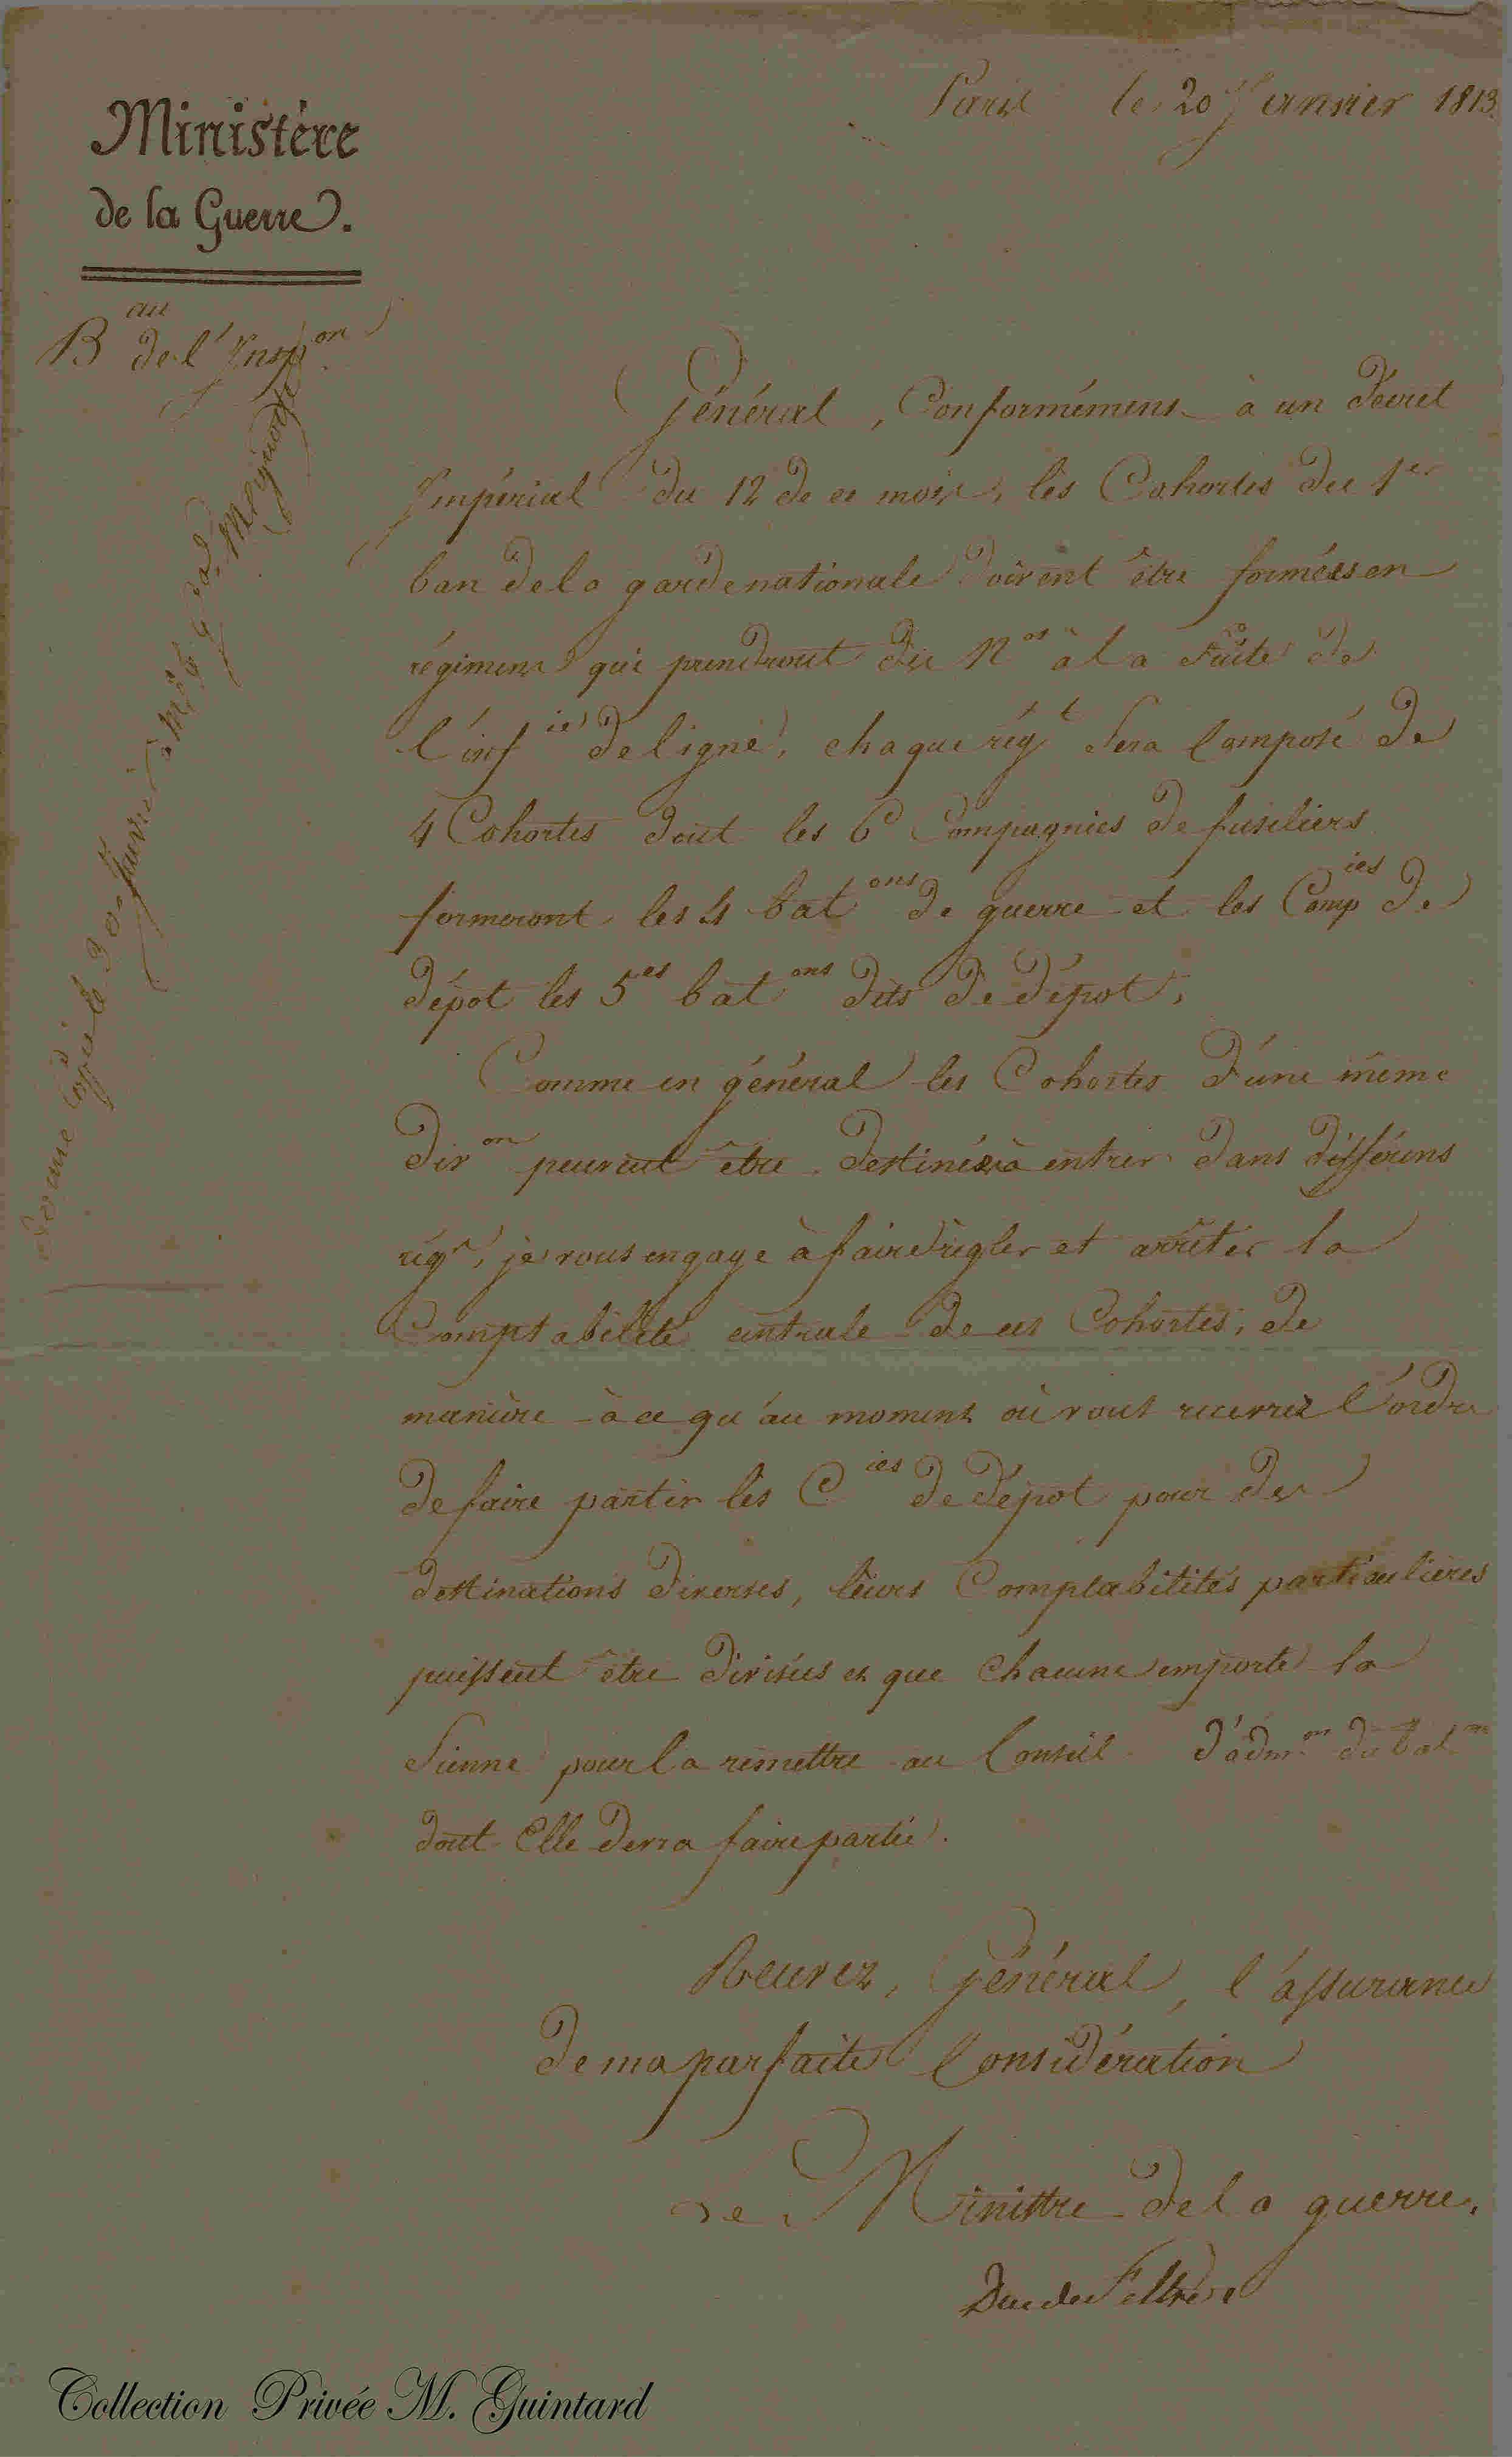 Lettre du Ministre Clarke au Général l'Huillier de Hoff Missiv10